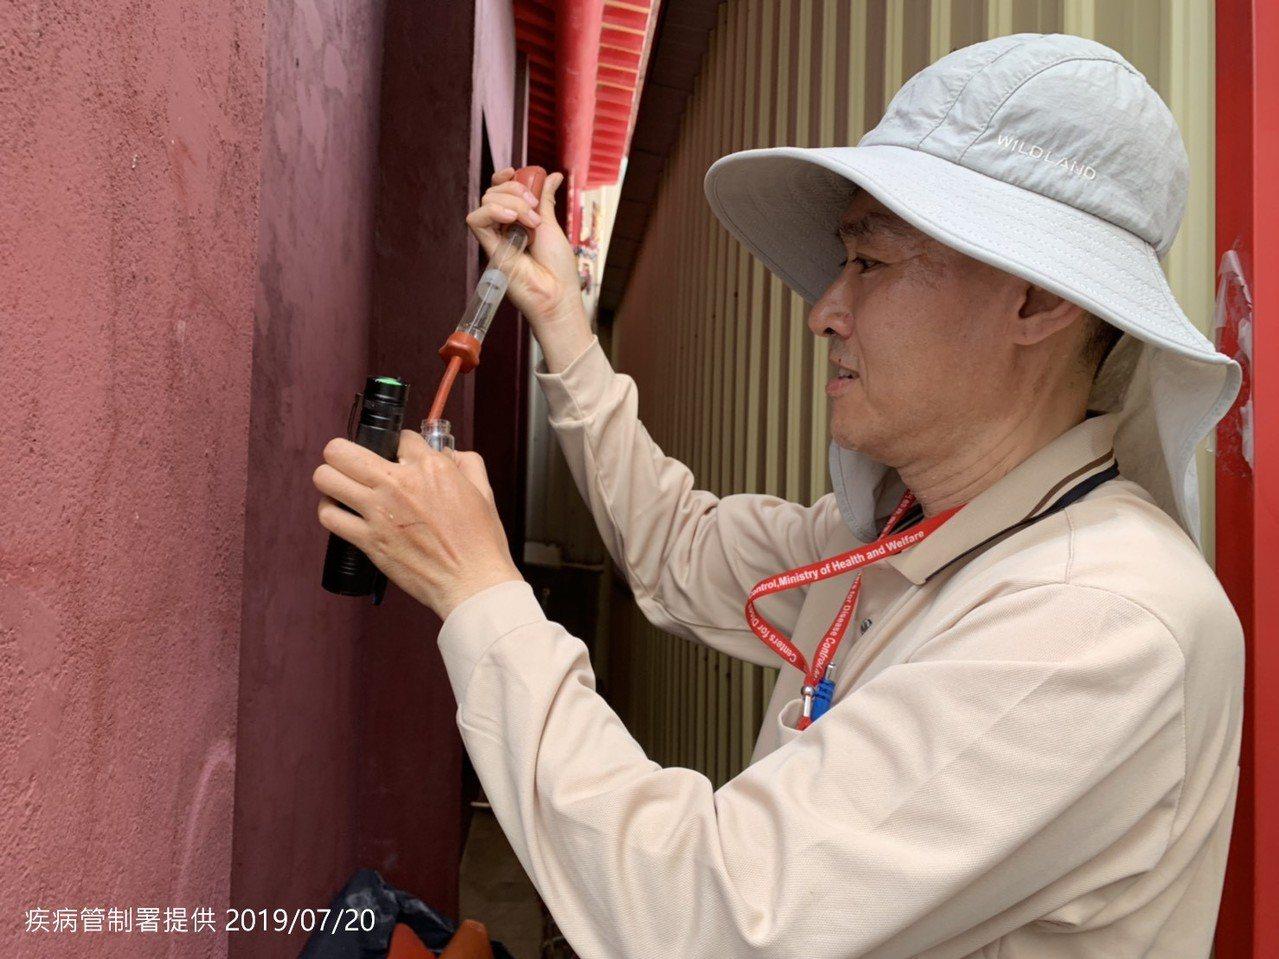 疾管署防疫人員今天前往台南市東區崇德里進行孳生源查核。圖/疾管署提供